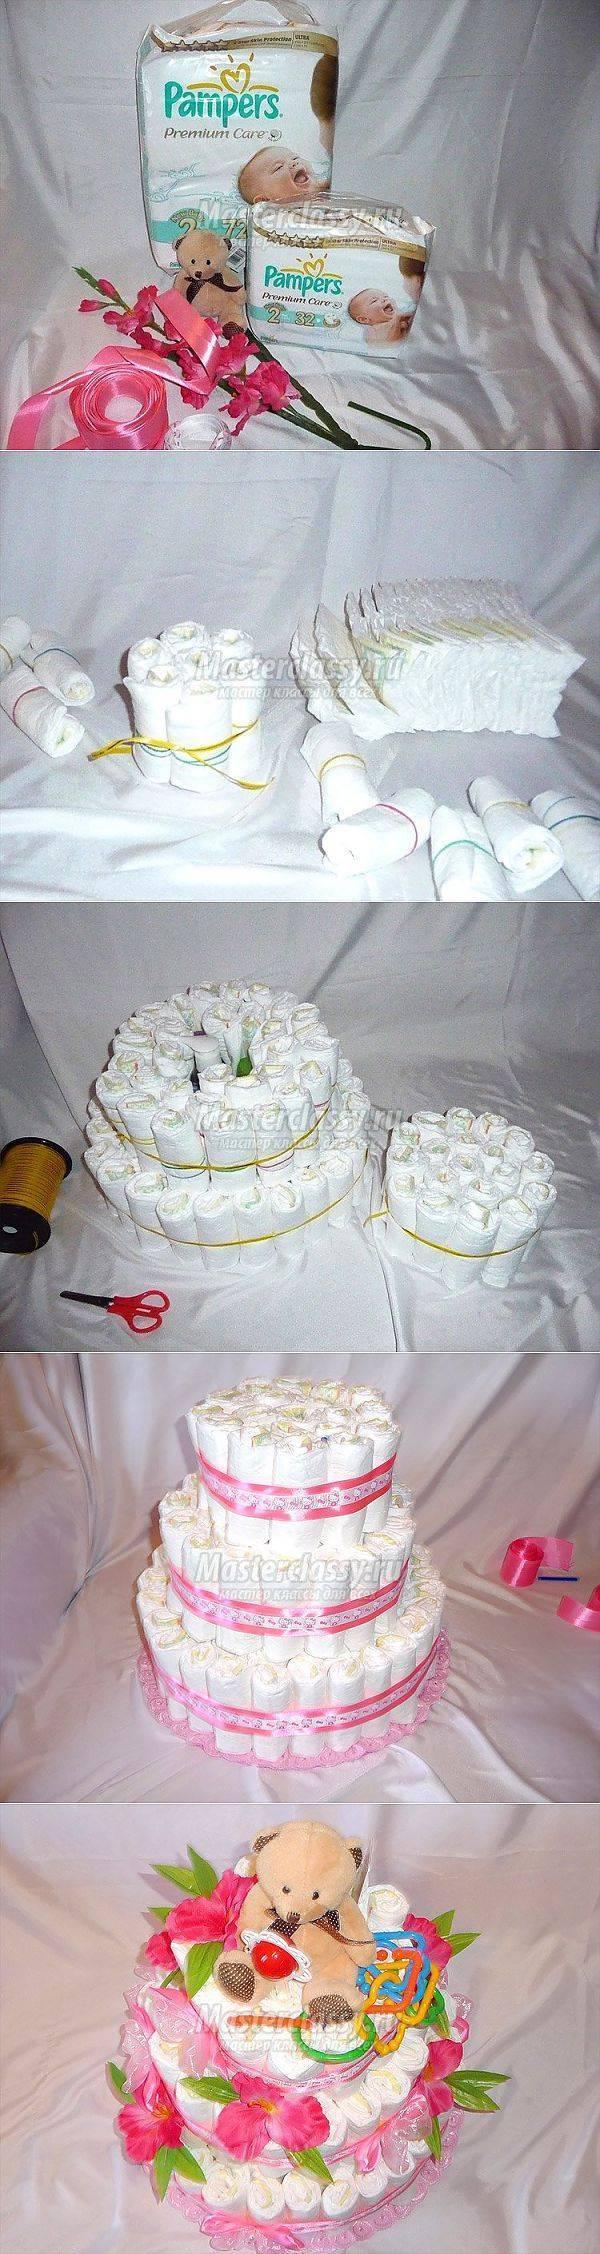 Торт из памперсов своими руками для мальчиков и девочек: пошаговая инструкция